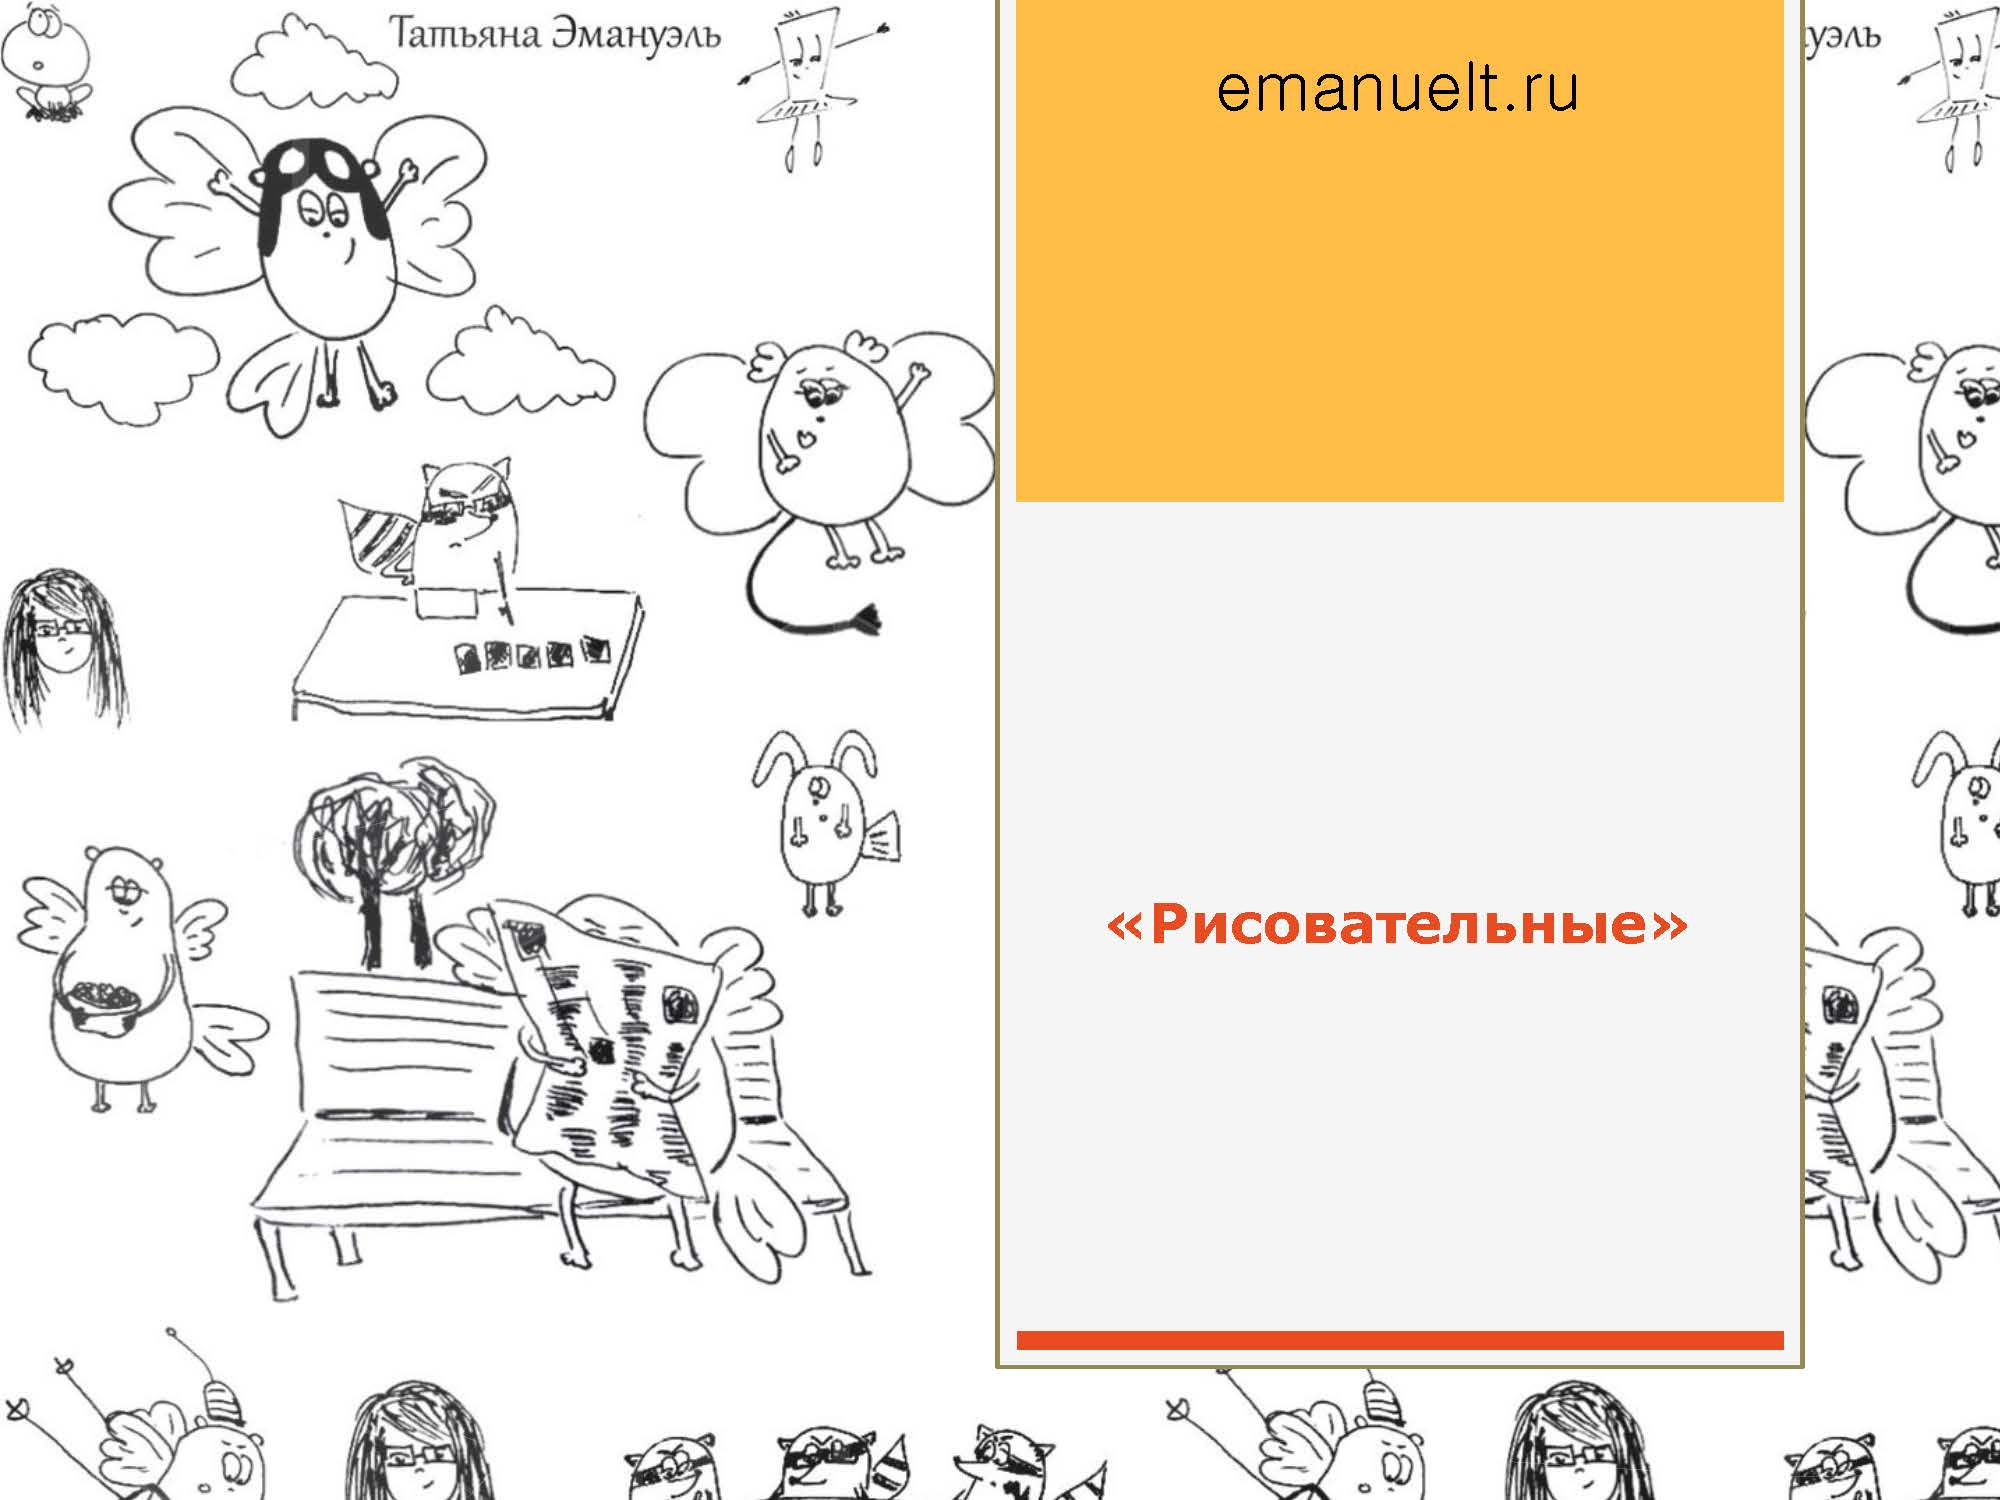 ссылки_Страница_01